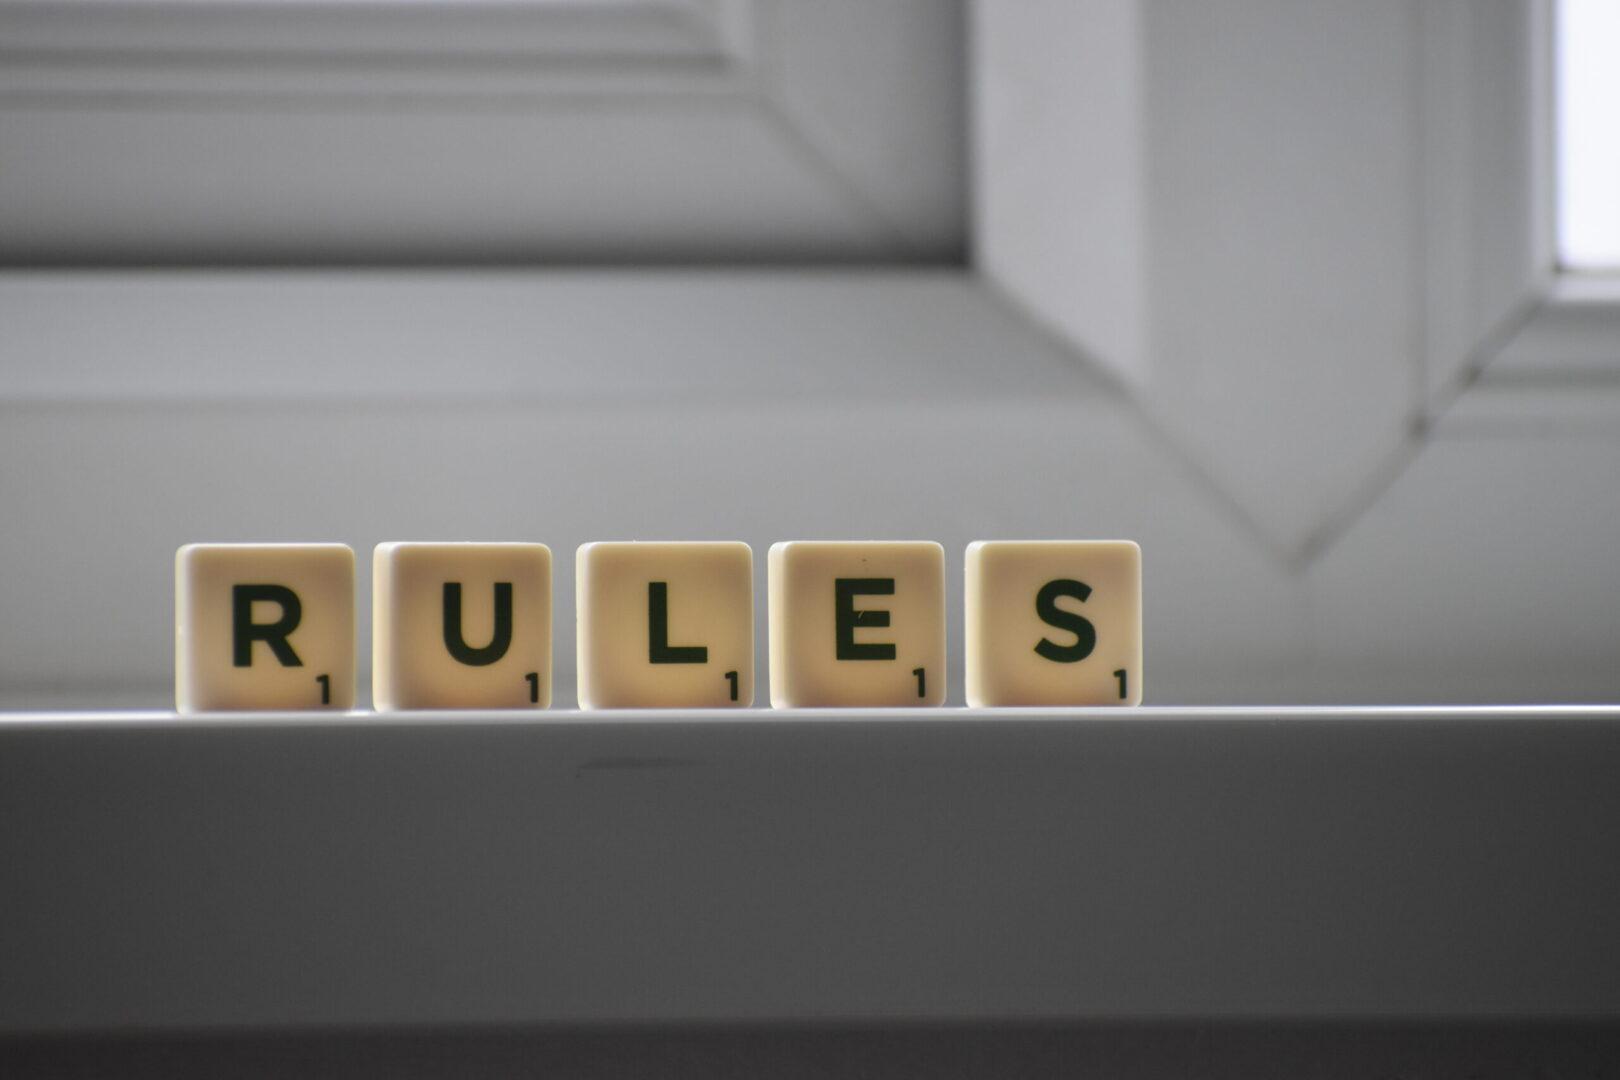 Ο κανόνας είναι να ΜΗΝ υπάρχει κανόνας!